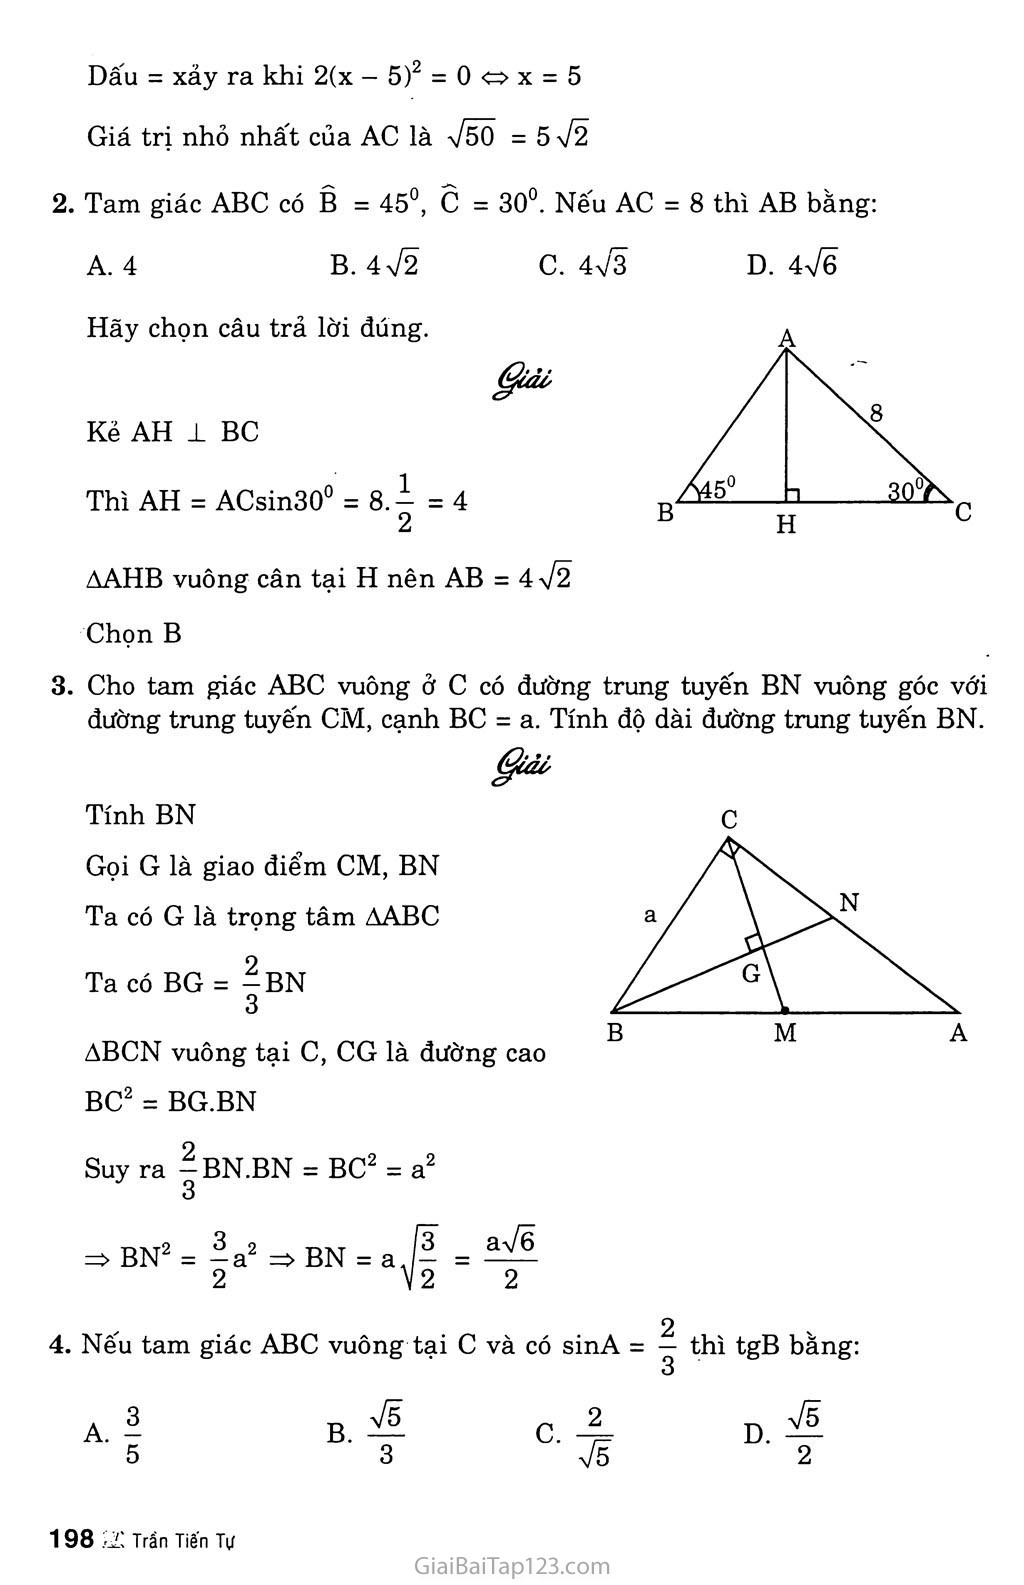 Bài tập ôn cuối năm trang 12